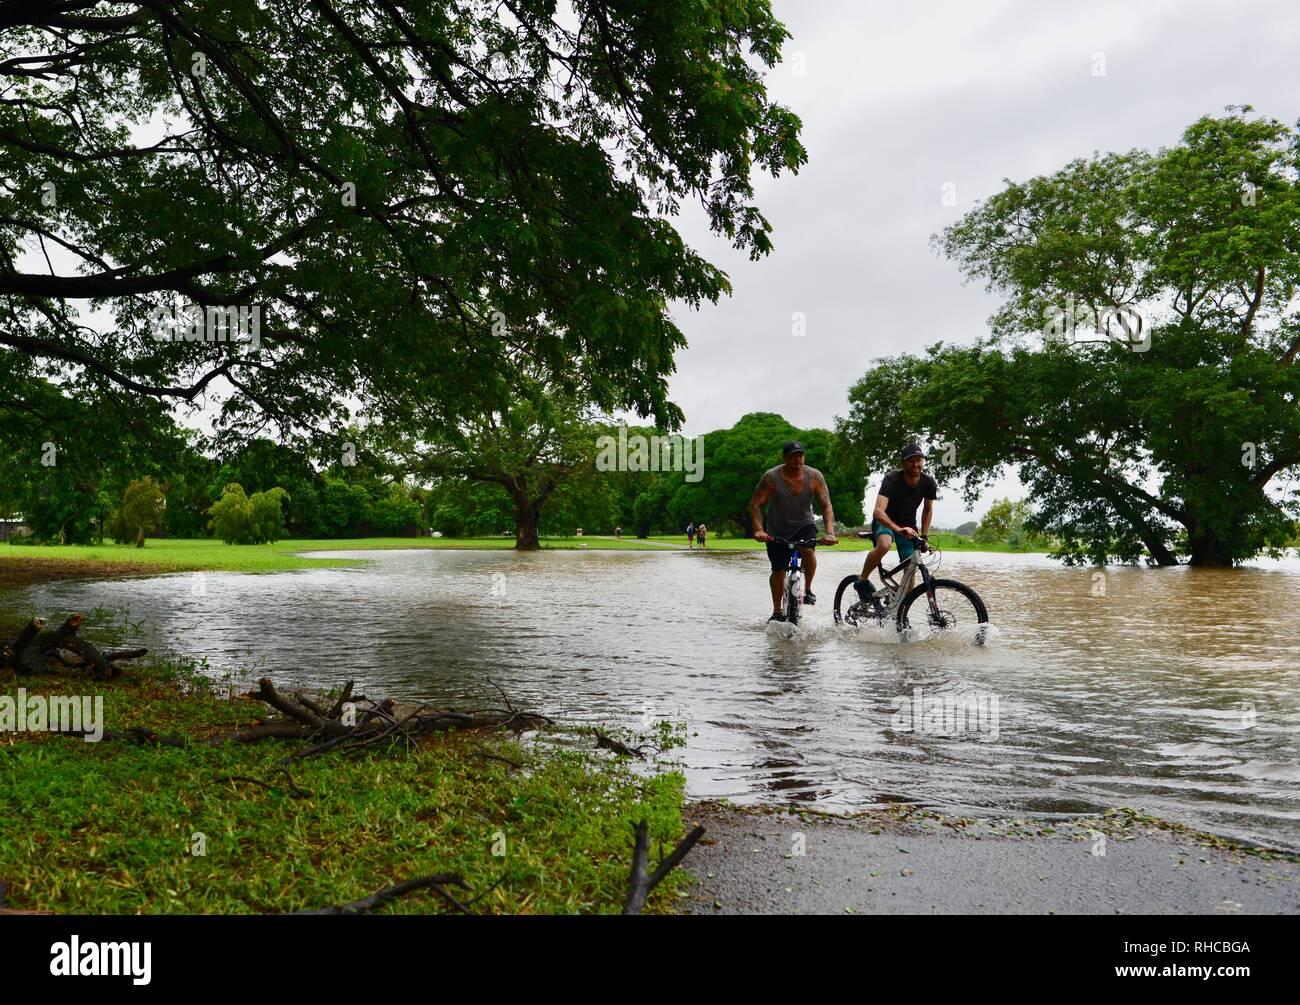 Townsville, Queensland, Australie. Feb, 2019 2. L'inondation a continué de s'aggraver à mesure que le déluge a continué et plus d'eau a été libéré de l'buldging barrage Ross River pour empêcher l'échec de la mur de barrage. Crédit: P&F Photography/Alamy Live News Photo Stock